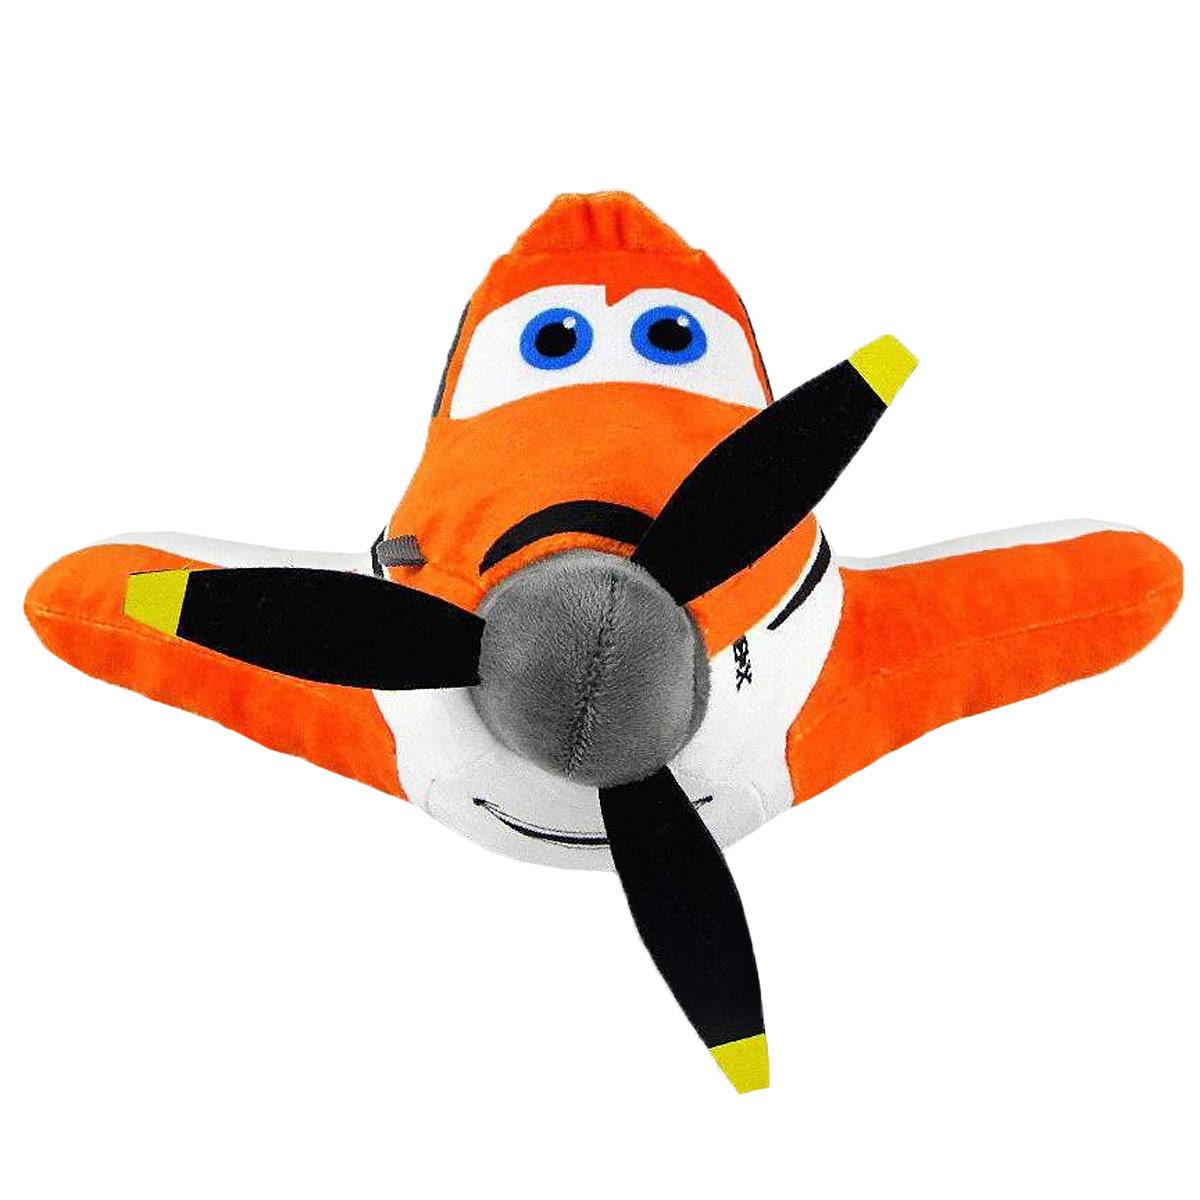 Мягкая игрушка Disney Дасти, цвет: оранжевый, 25 см1200208Очаровательная мягкая игрушка Дасти, выполненная в виде героя нового популярного фильма Самолеты (Planes), вызовет умиление и улыбку у каждого, кто ее увидит. Она станет замечательным подарком, как ребенку, так и взрослому. Необычайно мягкая, она принесет радость и подарит своему обладателю мгновения нежных объятий и приятных воспоминаний. Мягкая игрушка Дасти выполнена из высококачественного текстиля и гипоаллергенного синтепона. Мягкая игрушка может стать милым подарком, а может быть и лучшим другом на все времена.